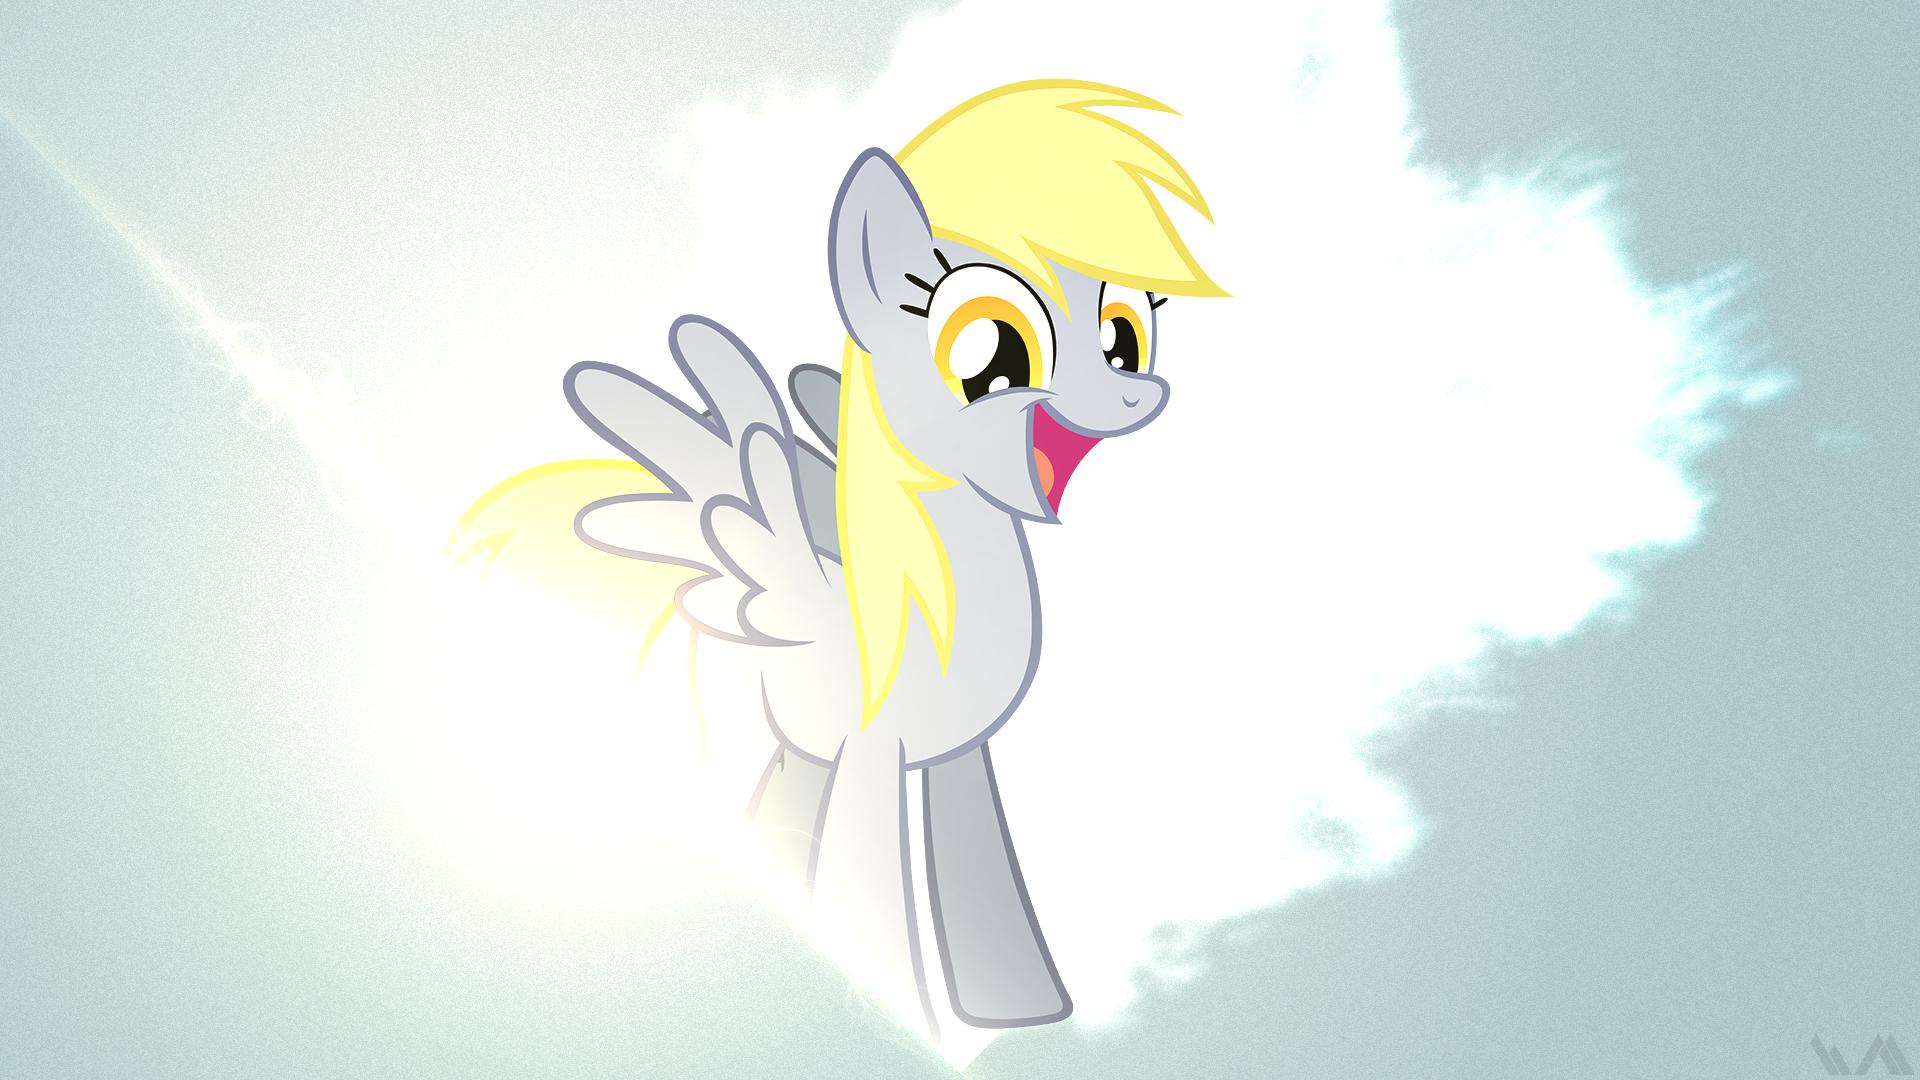 My Little Pony Derpy Hooves wallpaper 222277 1920x1080